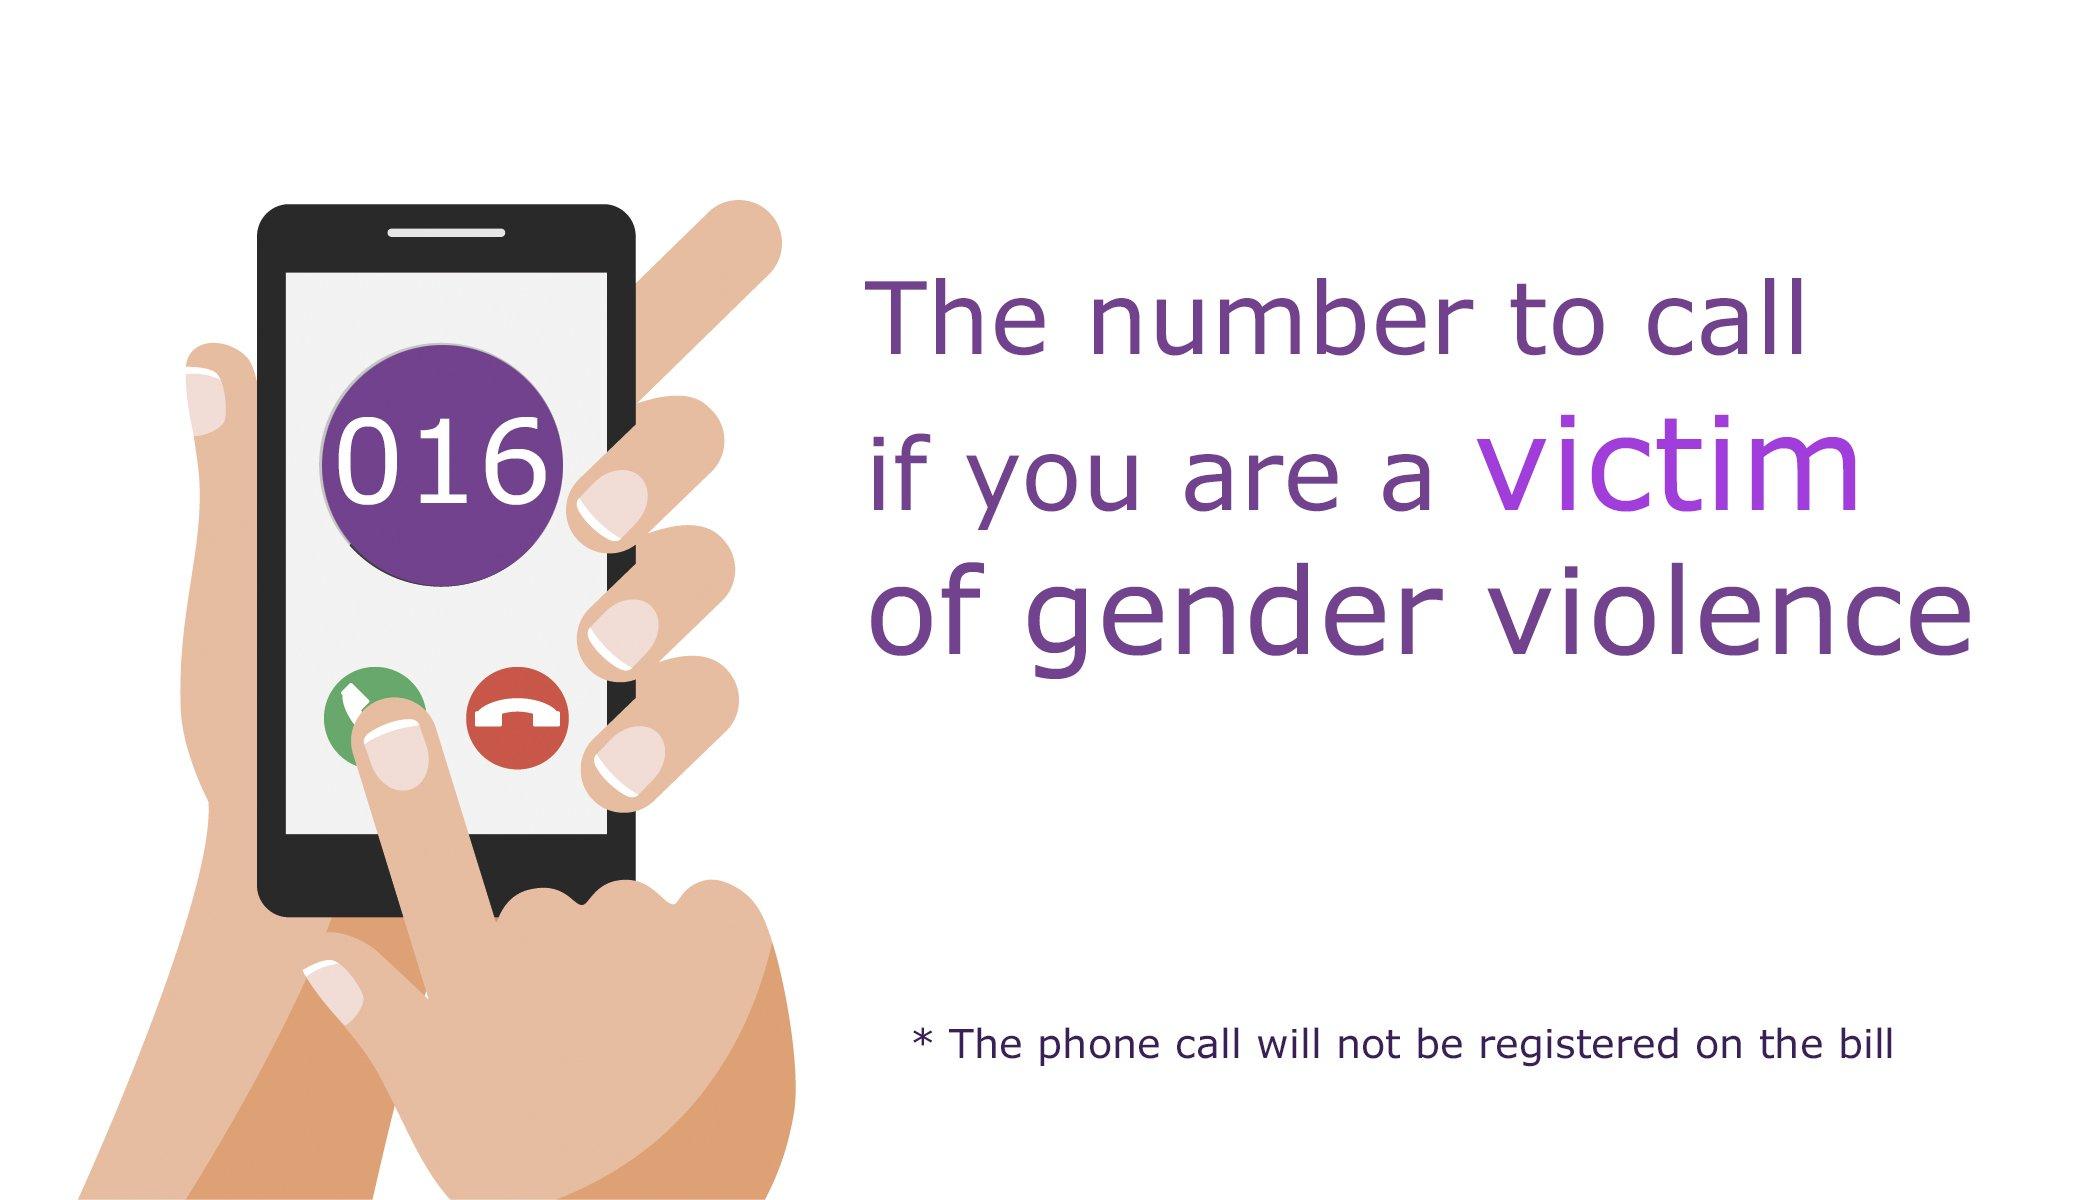 Programme of events against gender violence